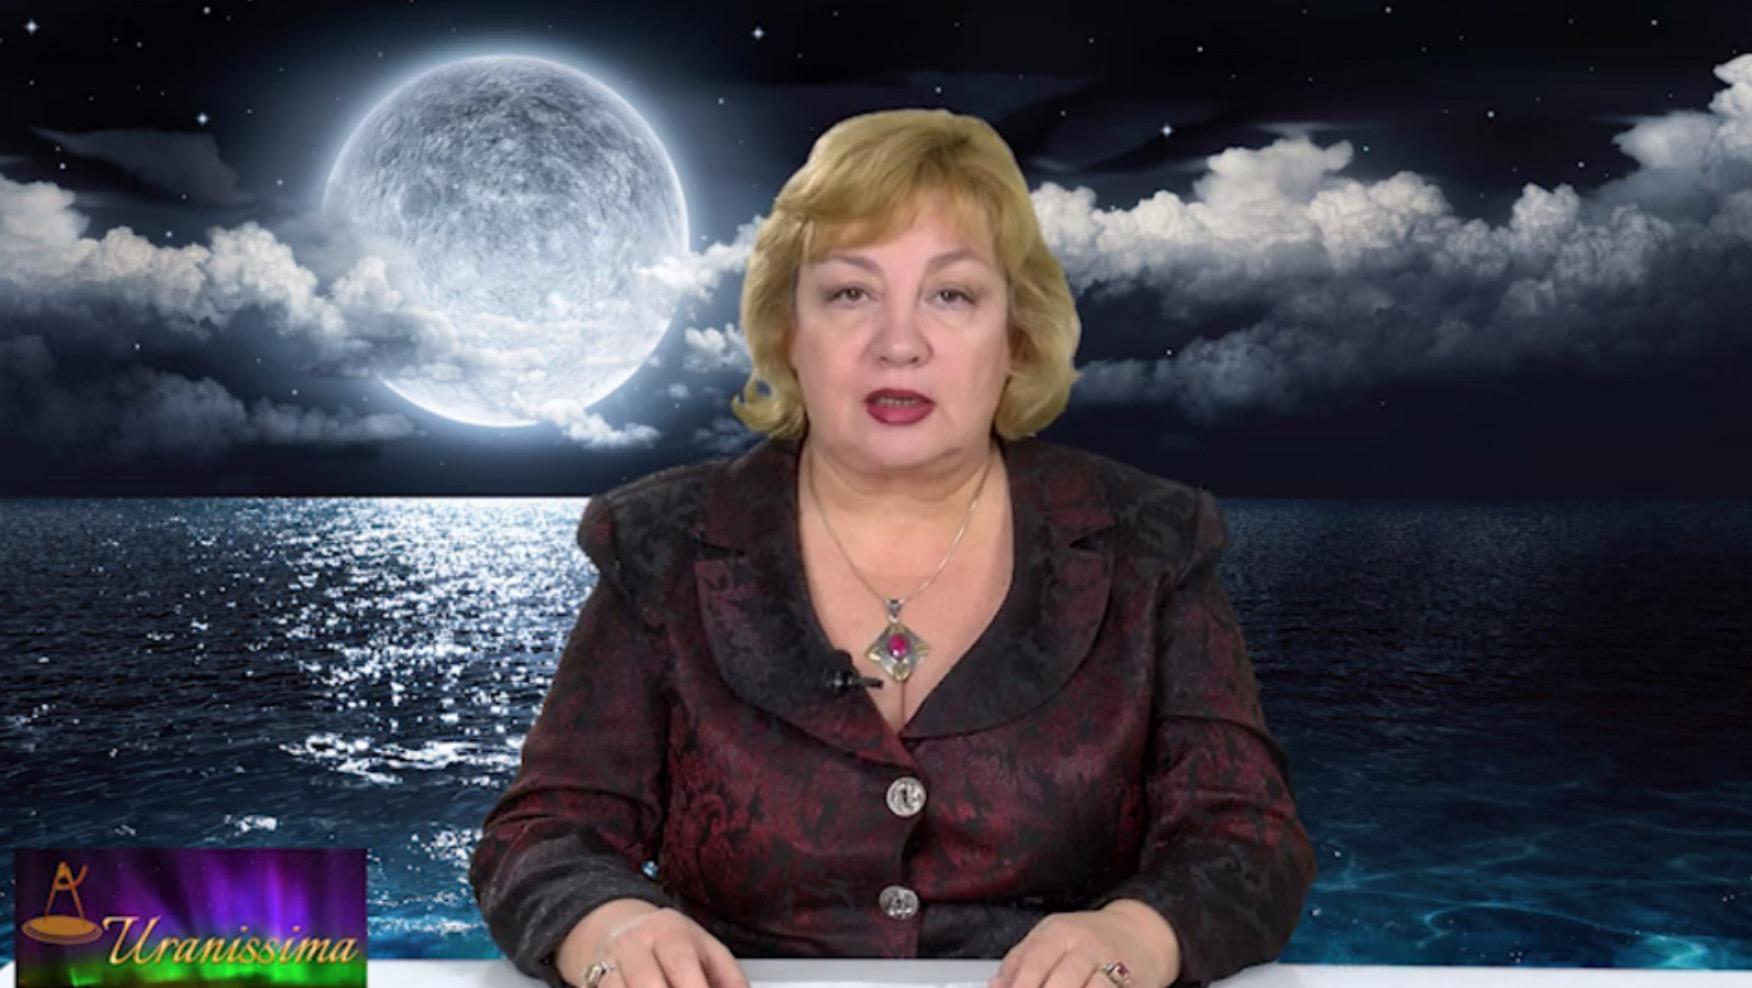 Horoscopul Urania pentru 22 – 28 februarie. Vărsătorul află că este iubit în secret